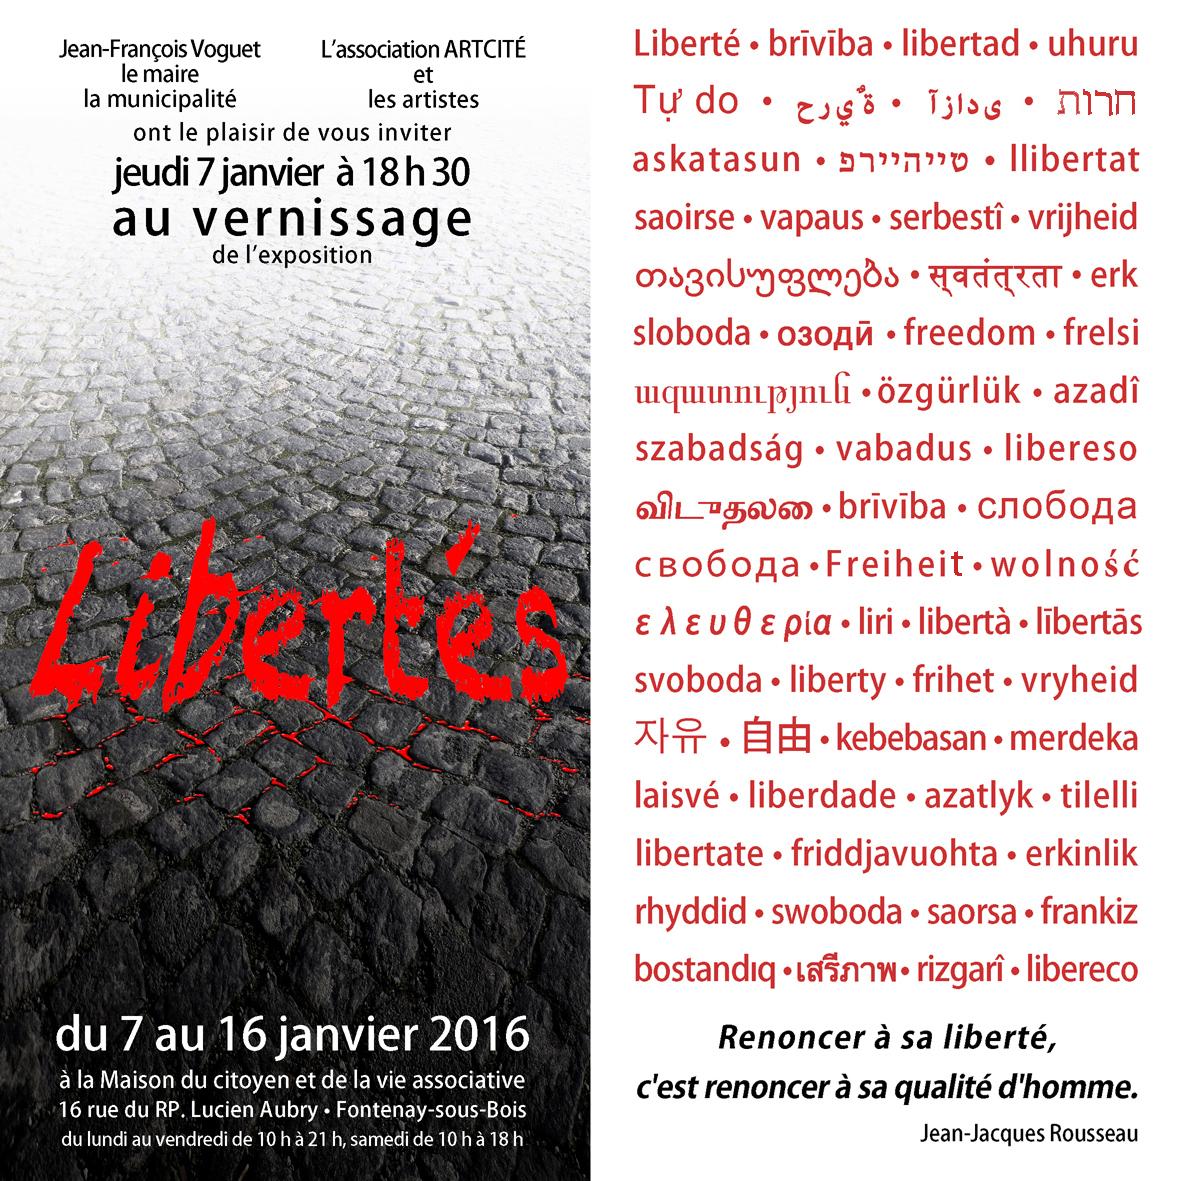 Libertés invit net